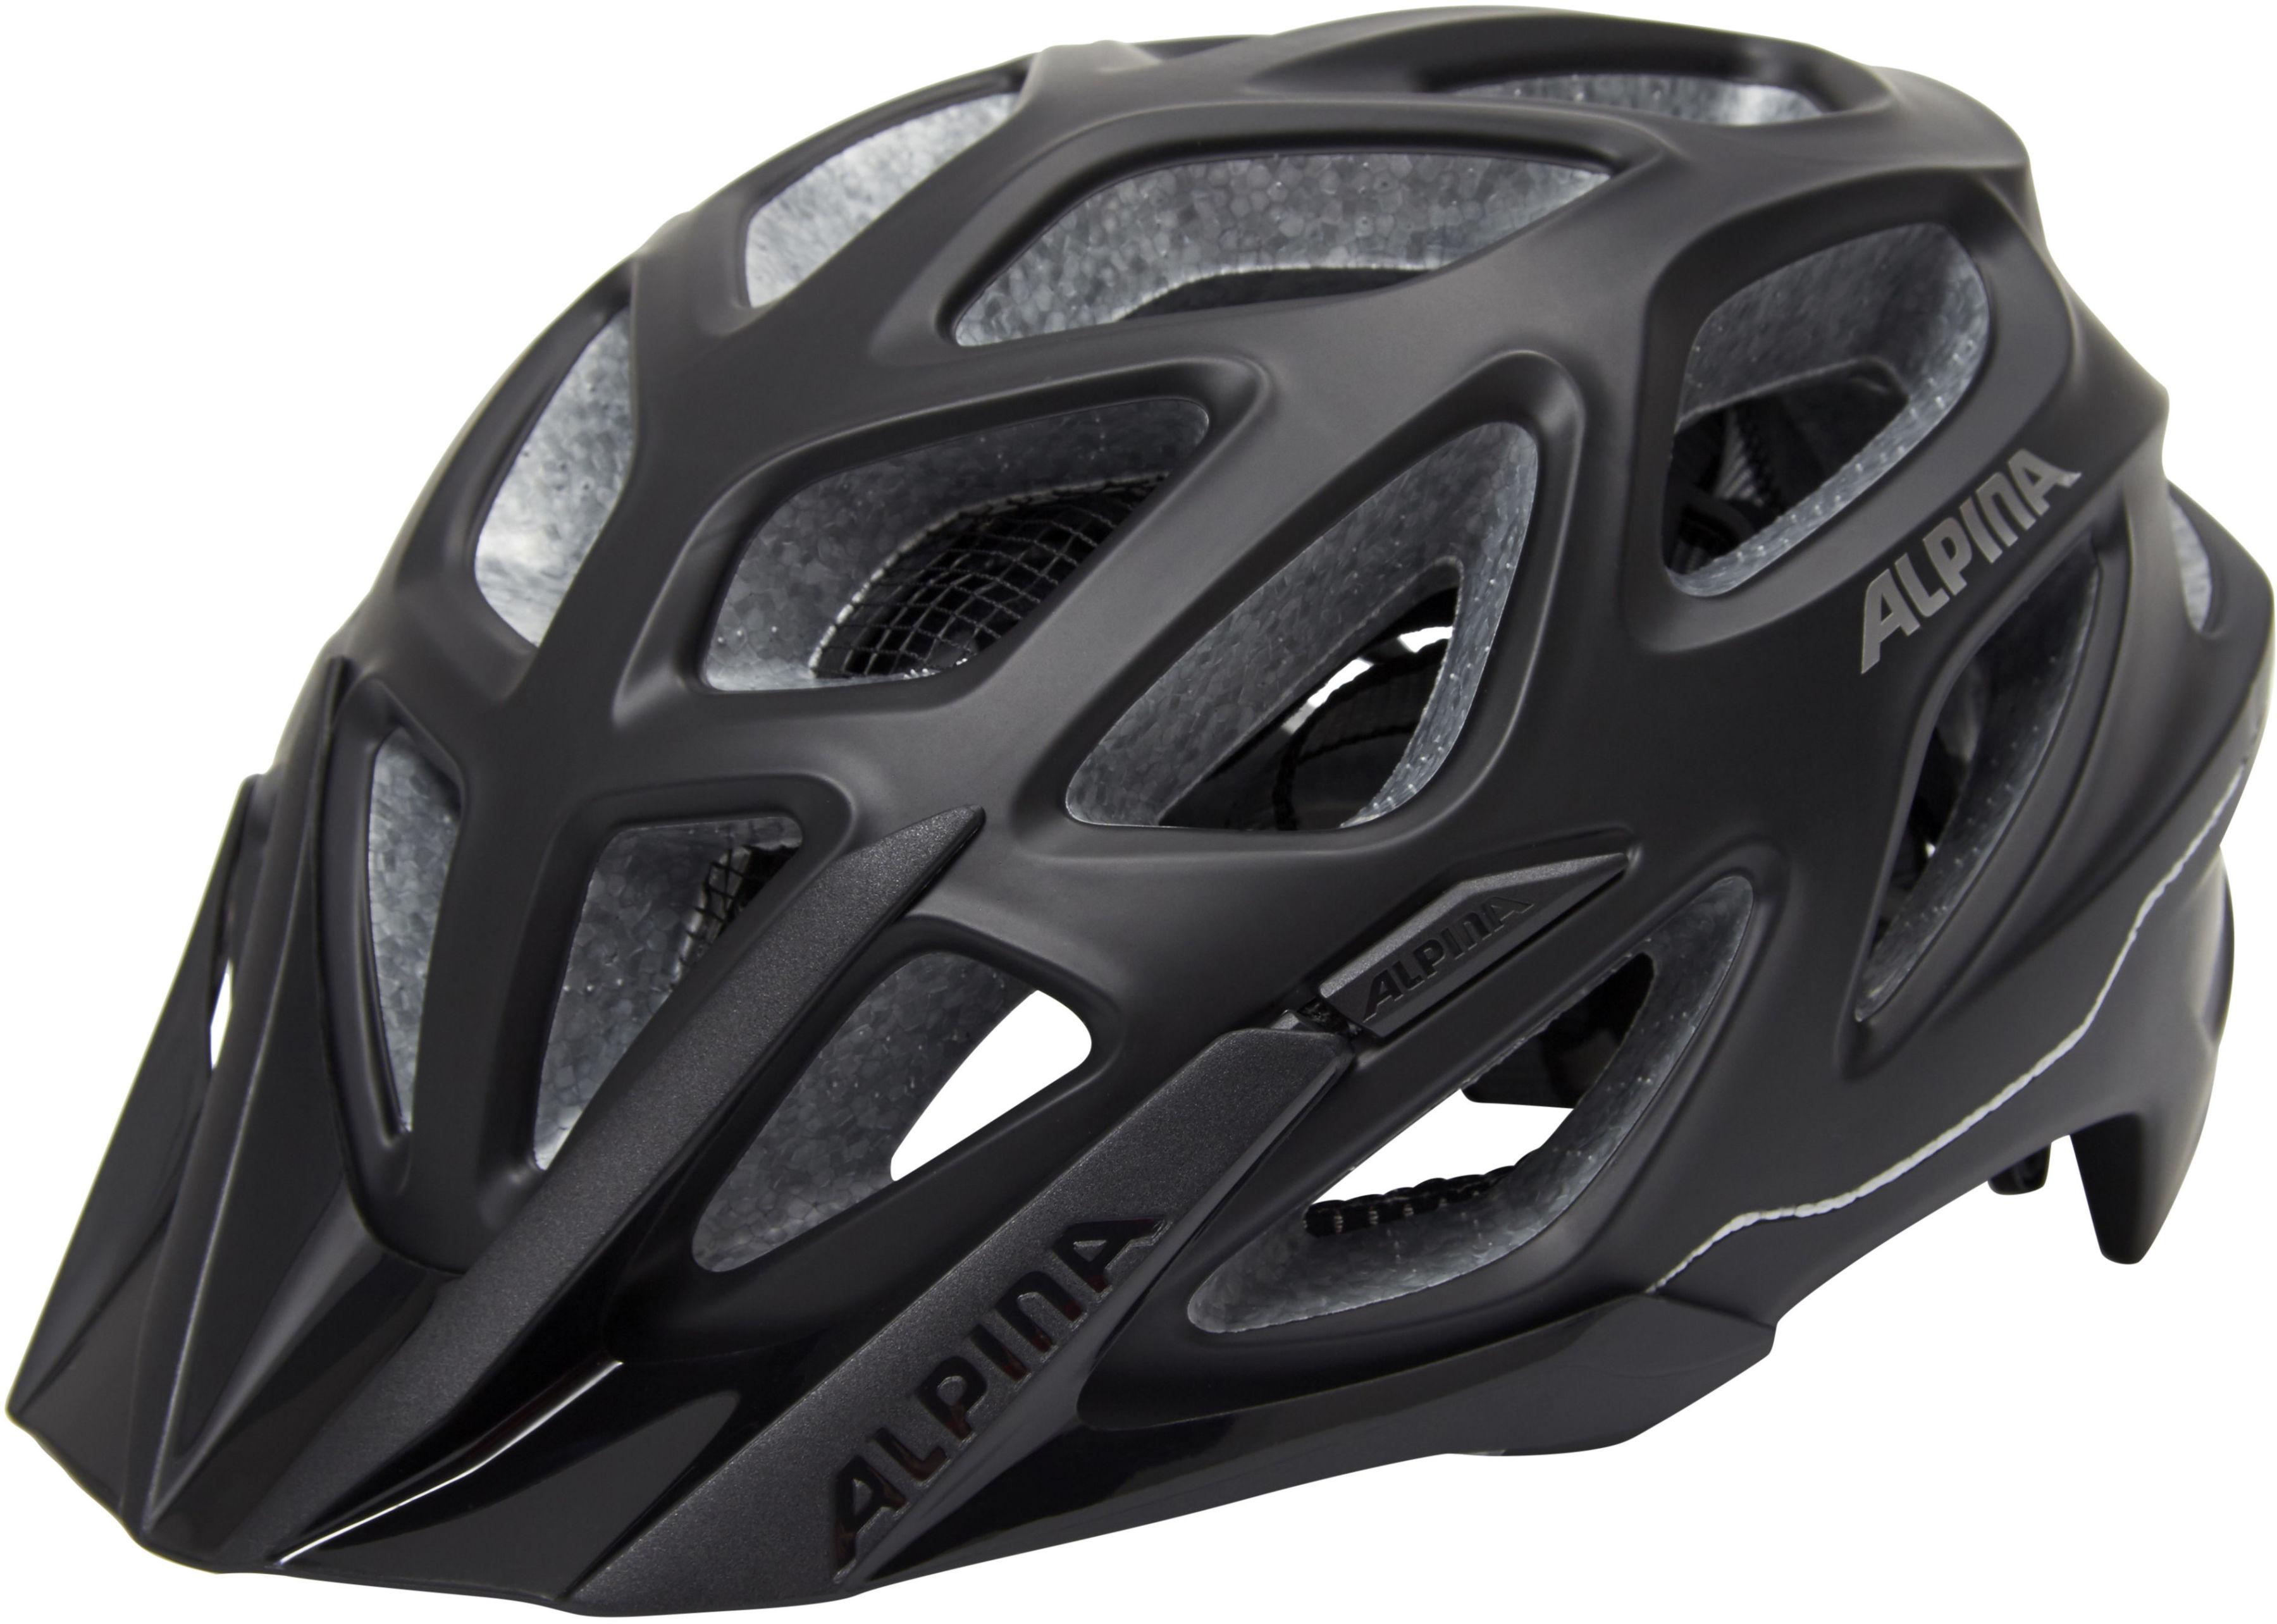 ALPINA MYTHOS 3.0 L.E kask rowerowy czarny-mat Rozmiar: 57-62,A9713334